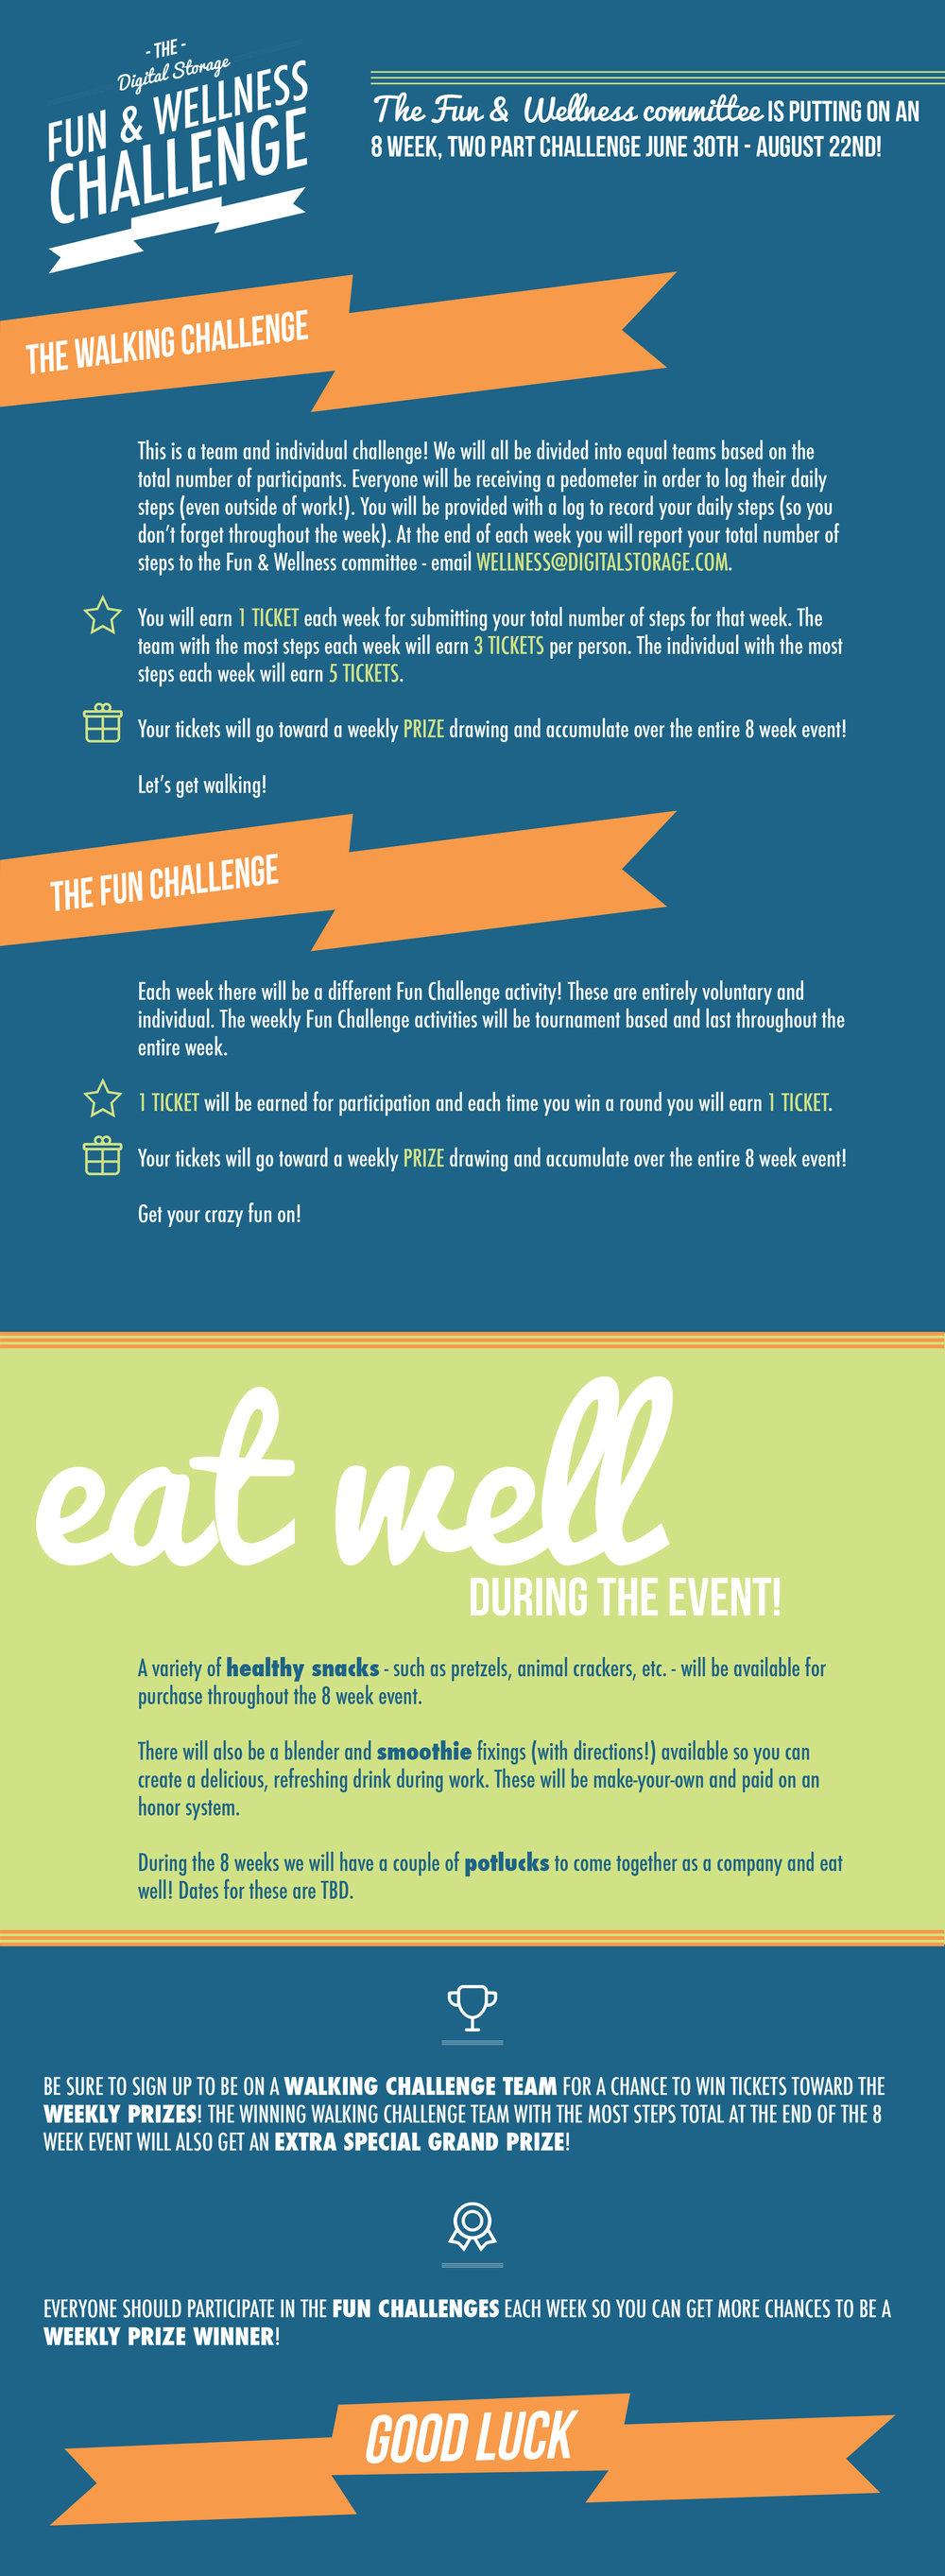 Emtec-Fun-&-Wellness-Challenge-Info Sheet.jpg